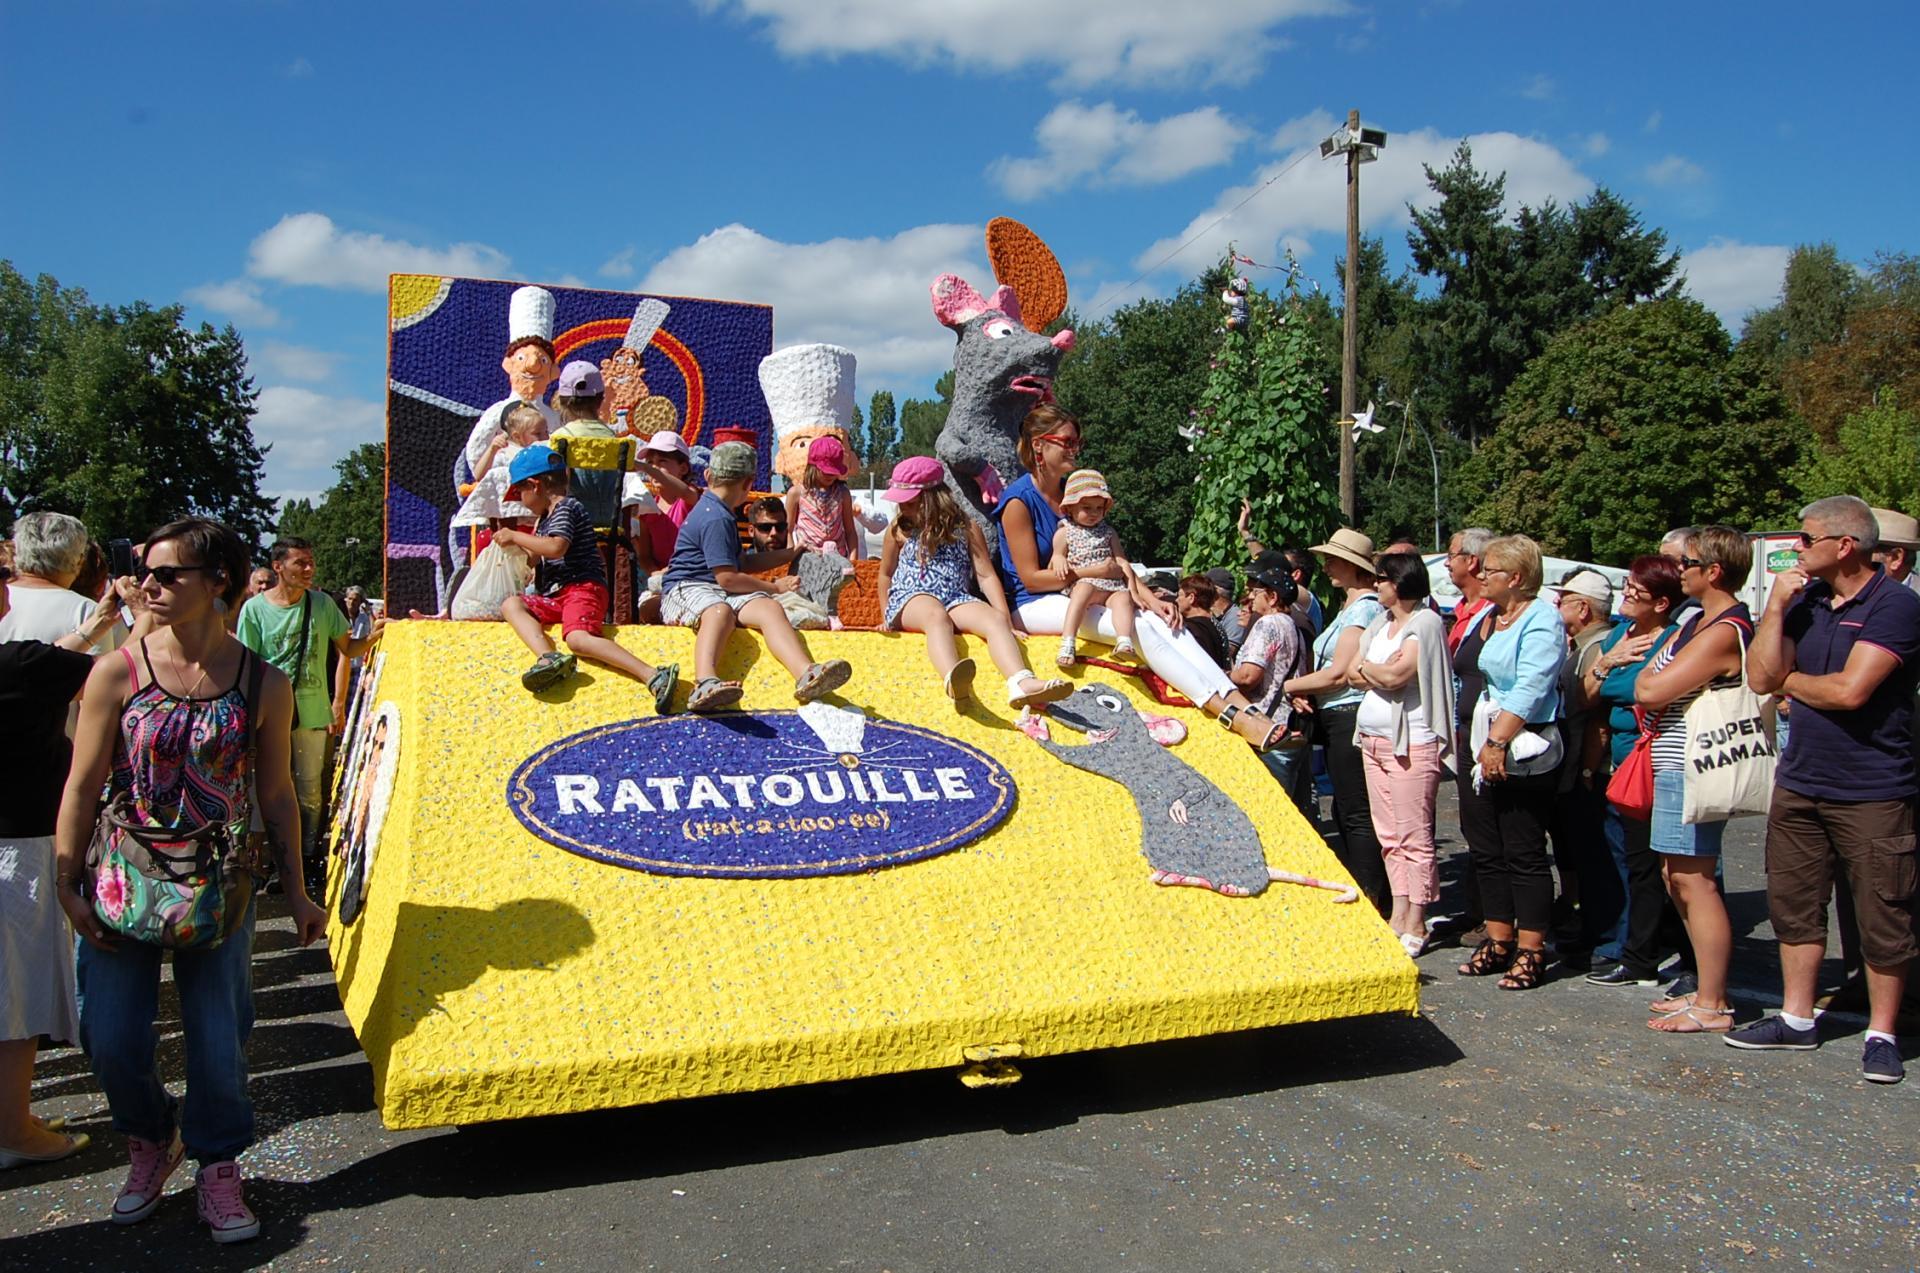 Le char Ratatouille